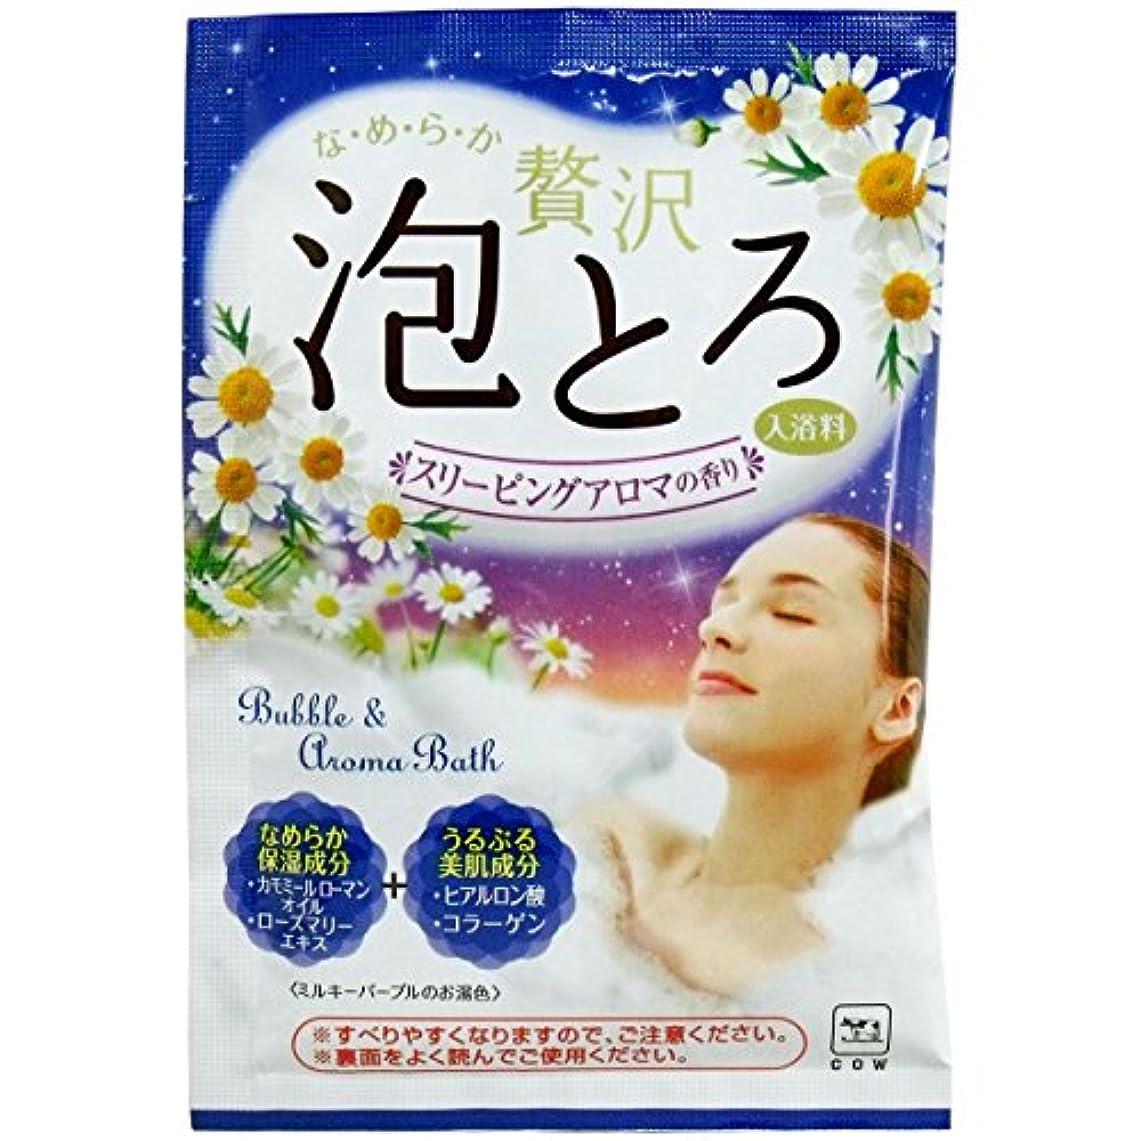 統計決して丁寧(まとめ買い)お湯物語 贅沢泡とろ入浴料 スリーピングアロマの香り 30g×15セット